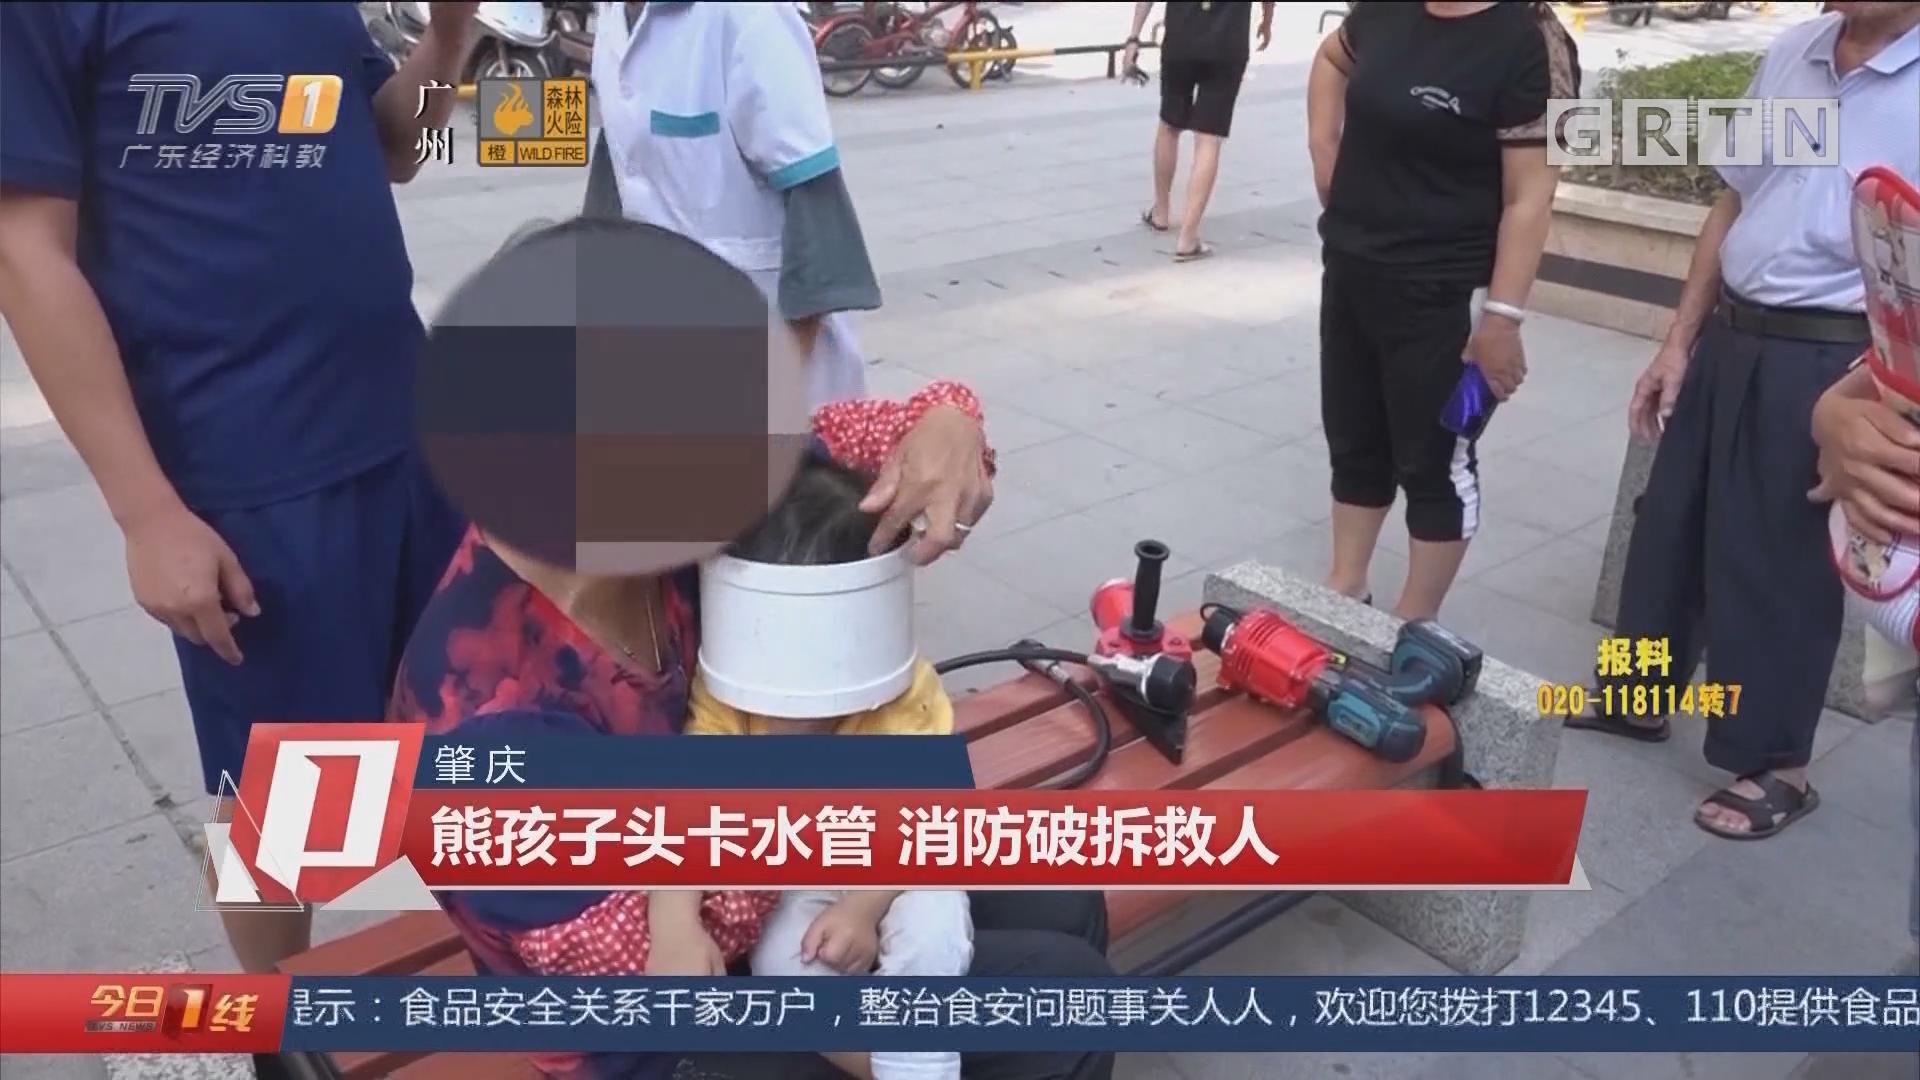 肇庆:熊孩子头卡水管 消防破拆救人